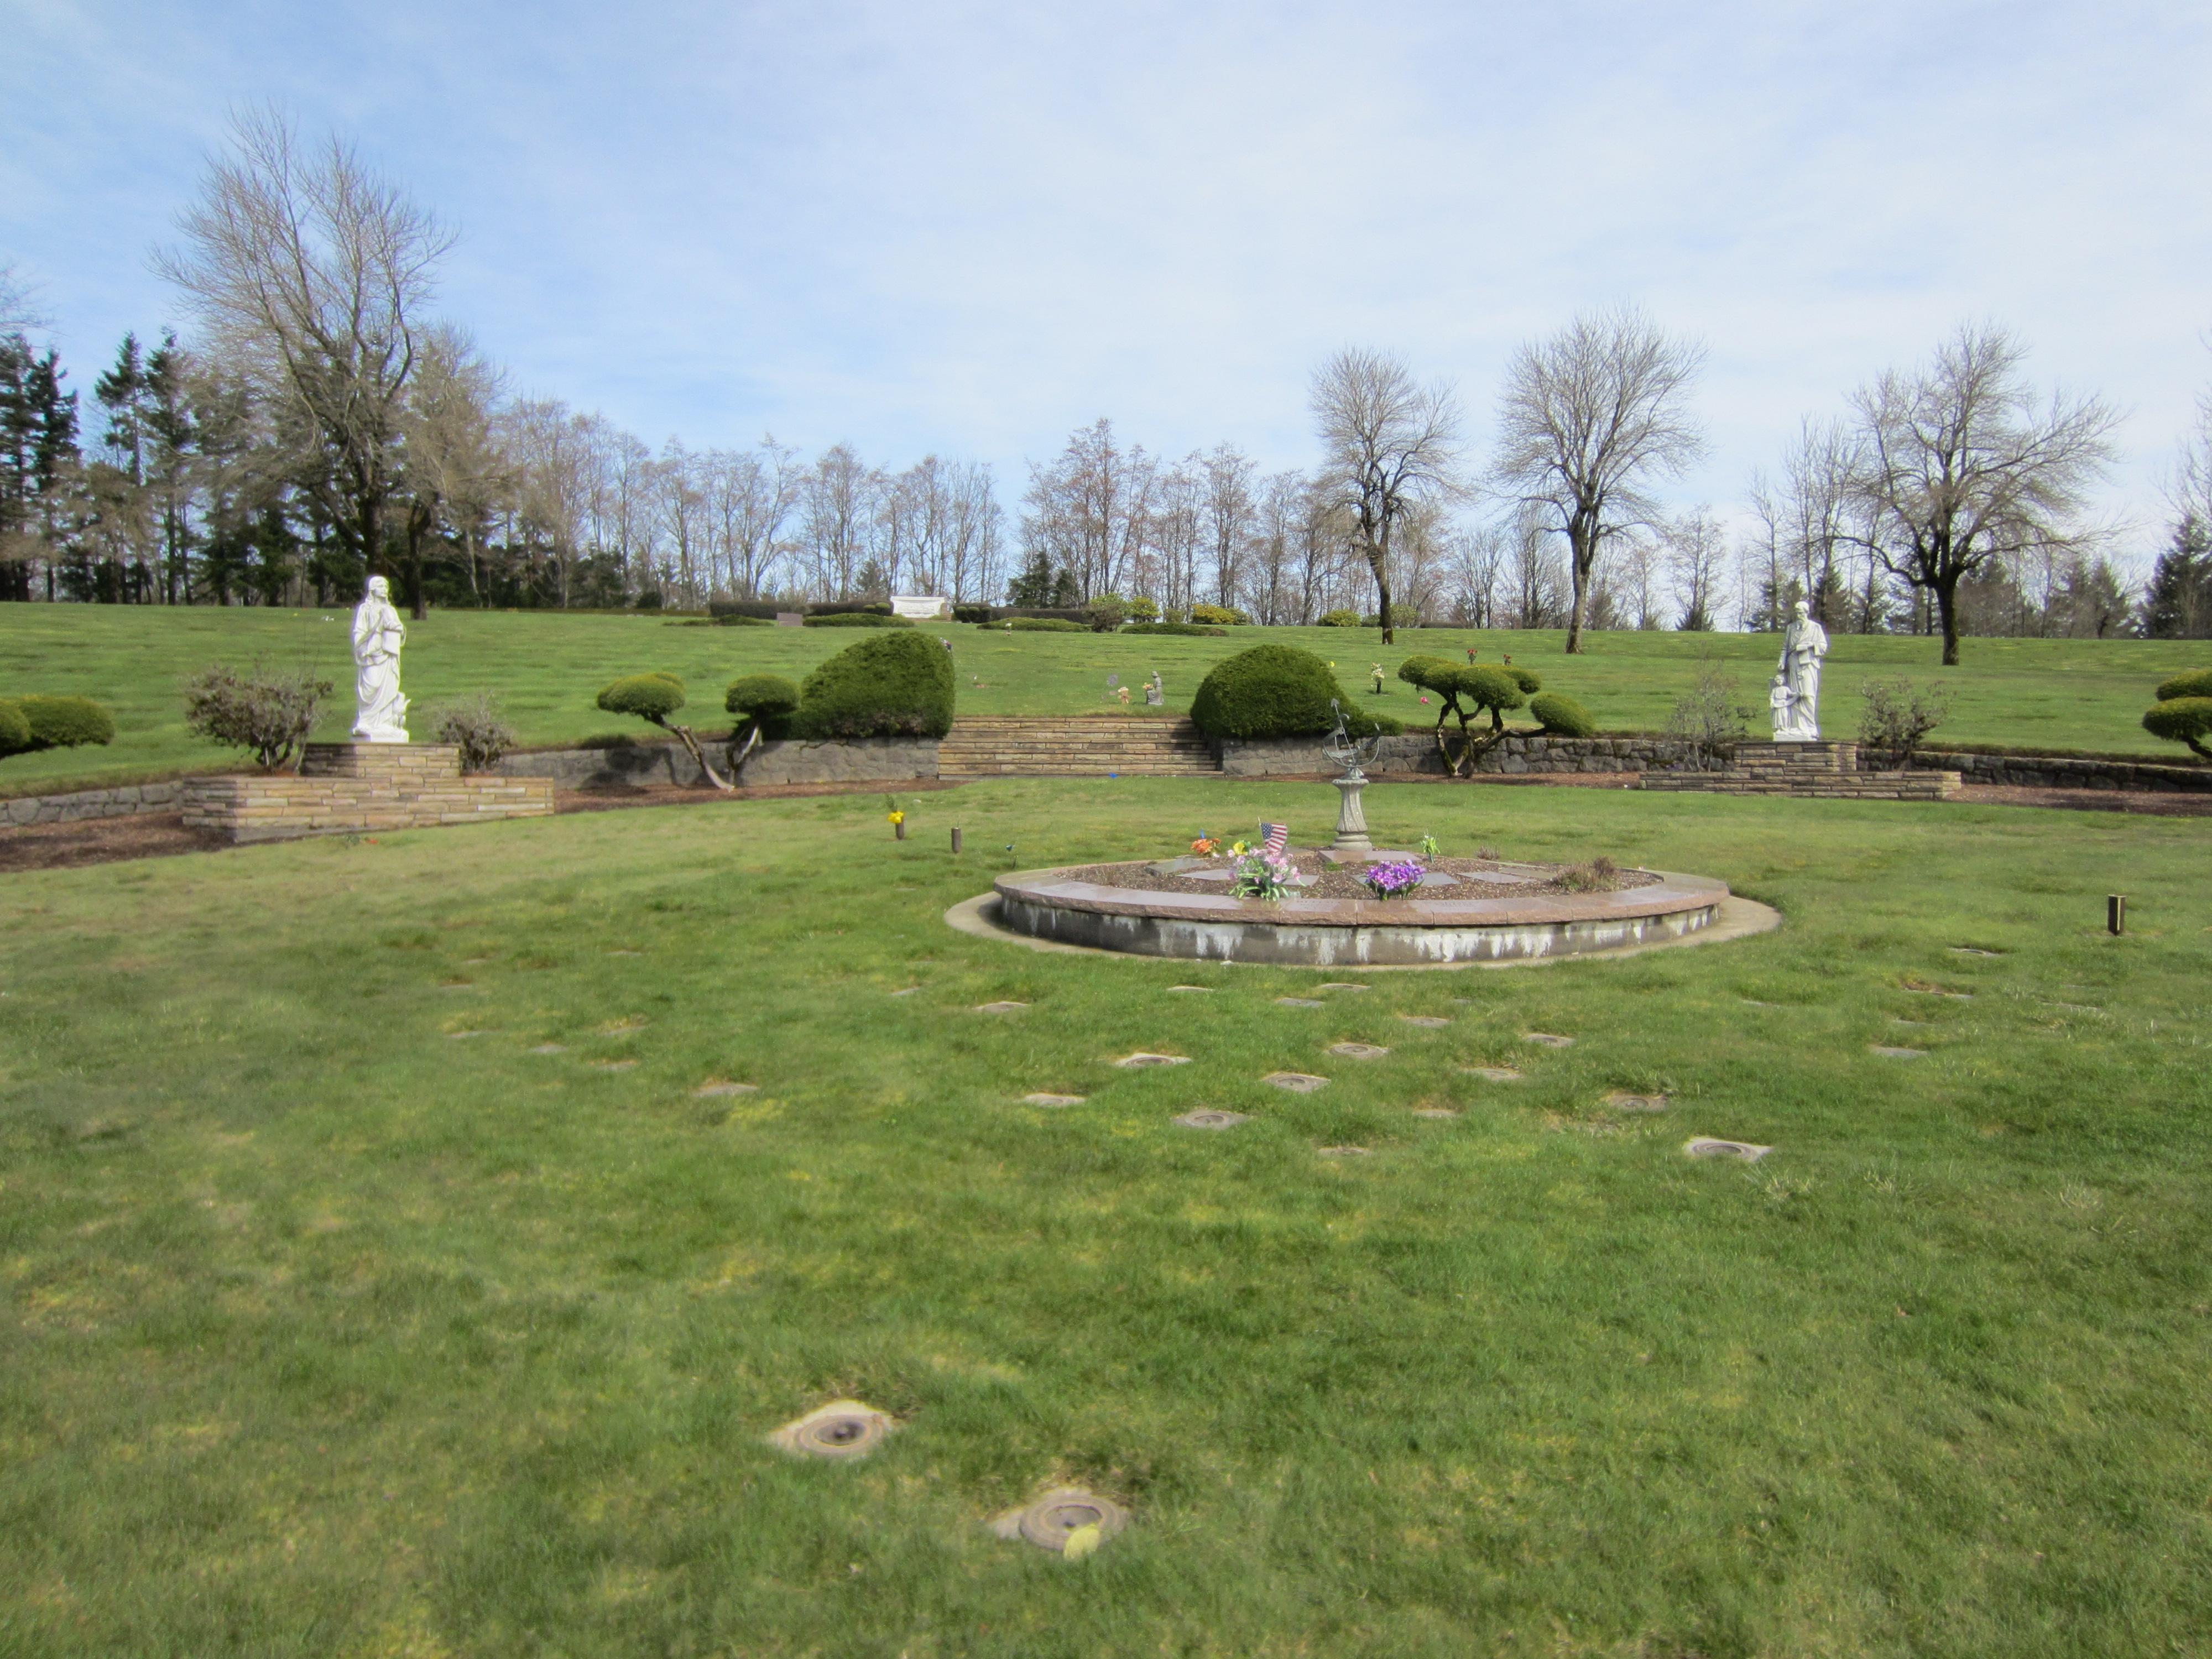 File:Skyline Memorial Gardens And Funeral Home, Portland (2012)   07.